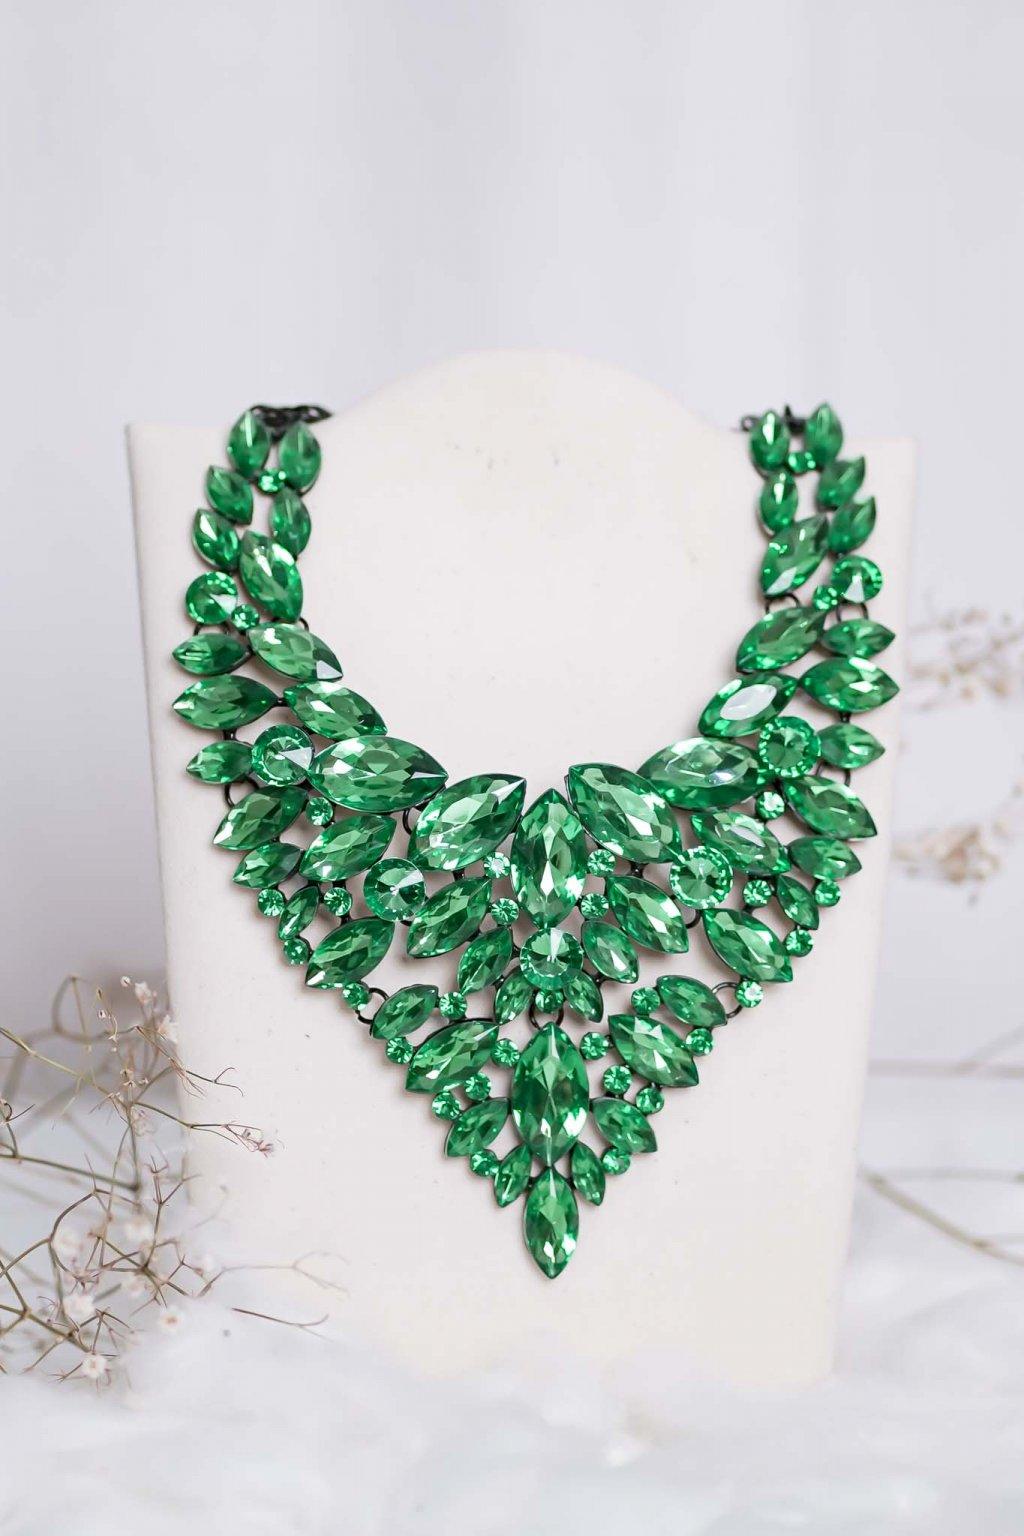 náhrdelník, spoločenský, bežný deň, kamienkový, farebný, čierny, strieborný, zelený, cyklamenévy, náhrdelník, bižuteria, šperk, šperky, ples, stužková, svadba, 006